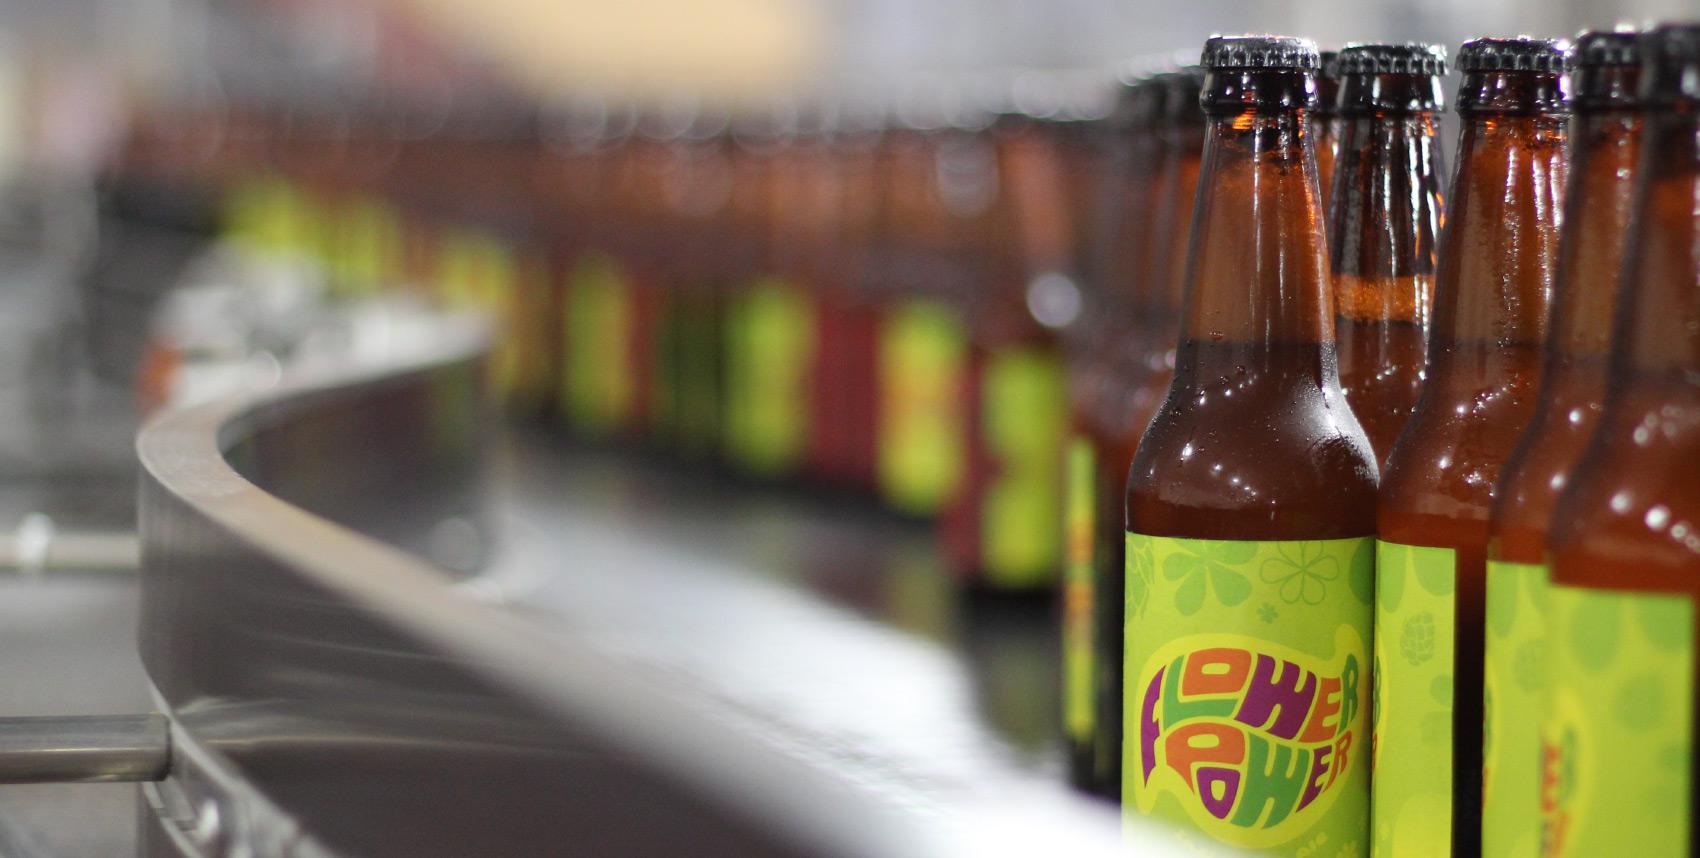 IBC-brewery-midpage-sliders-04.jpg